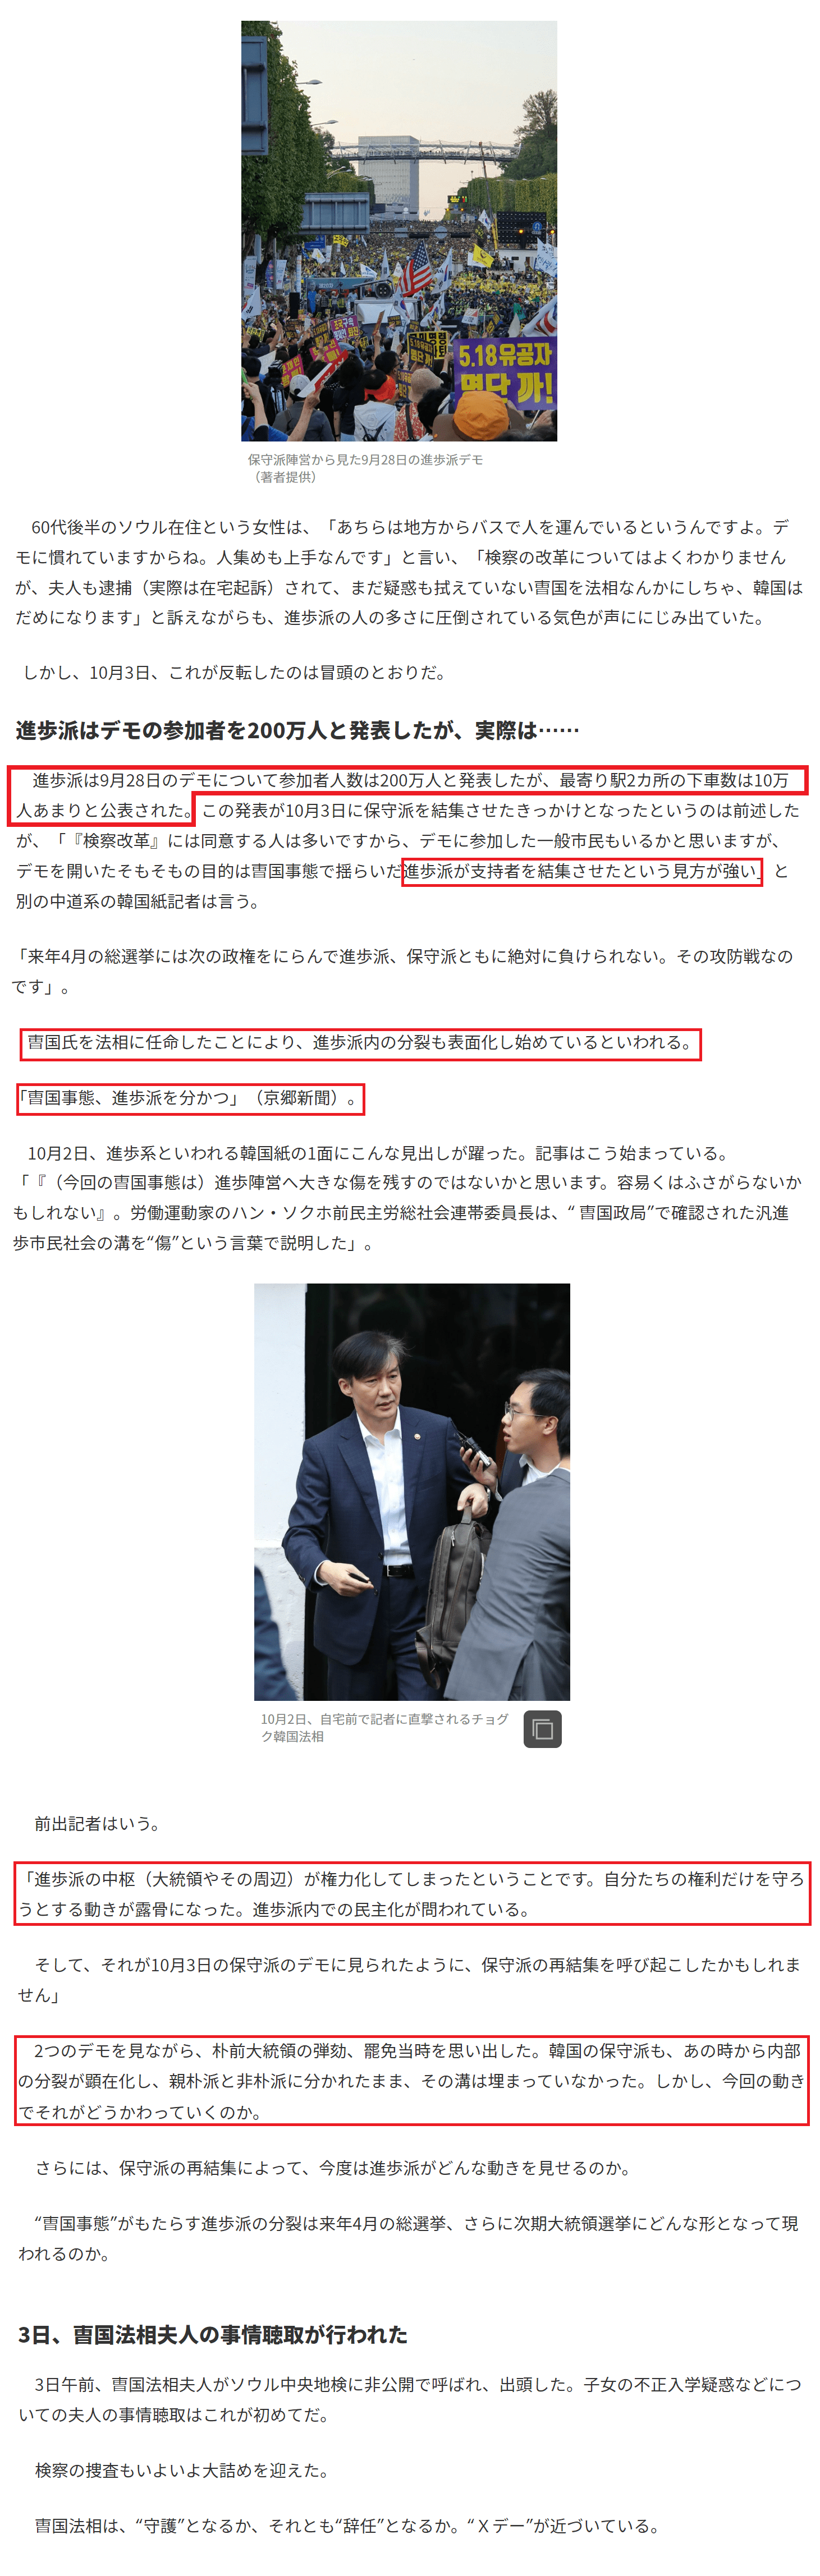 ブンザイ寅とタマネギ男辞めろデモが朴婆以上の動員2_4 (1)